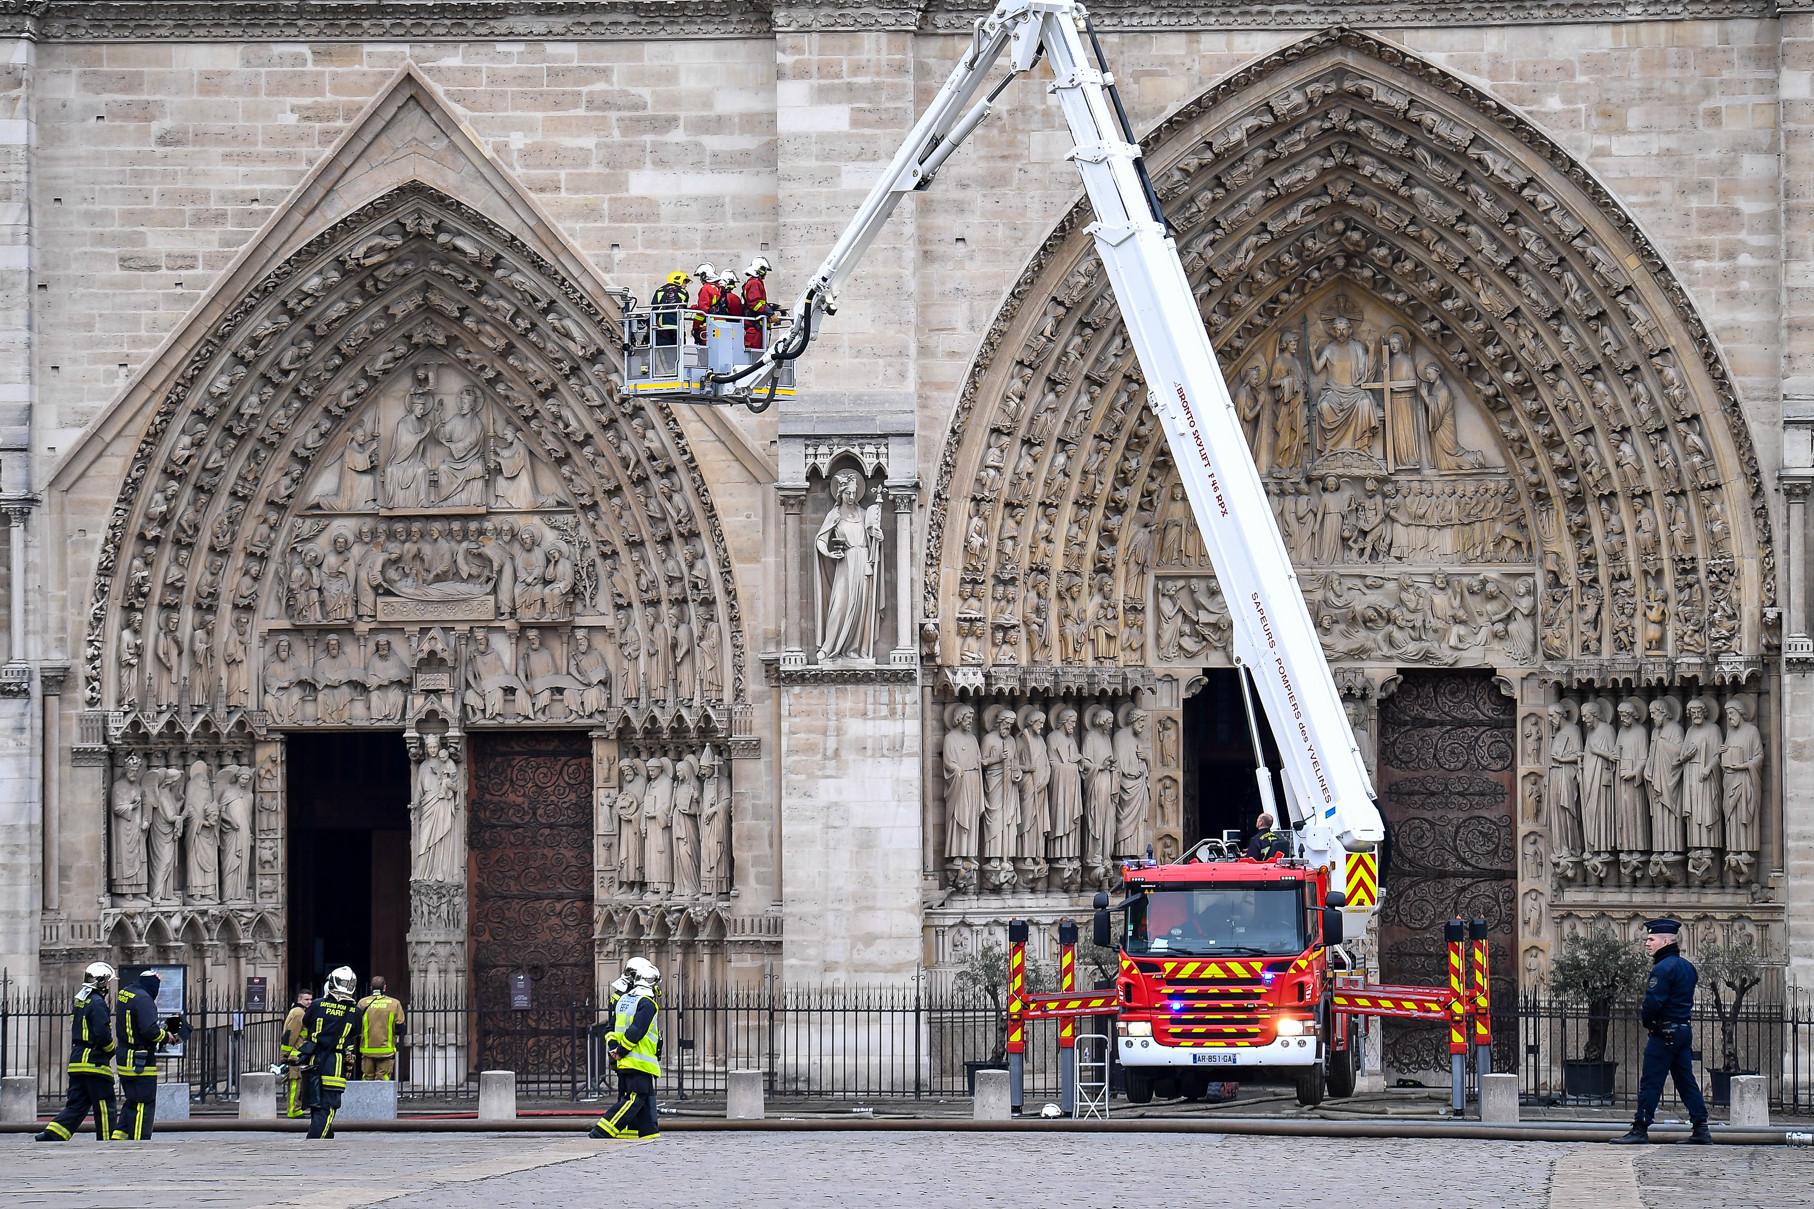 A párizsi ügyészség gondatlanságból elkövetett károkozás miatt indított nyomozást a tűz keletkezésének kiderítésére